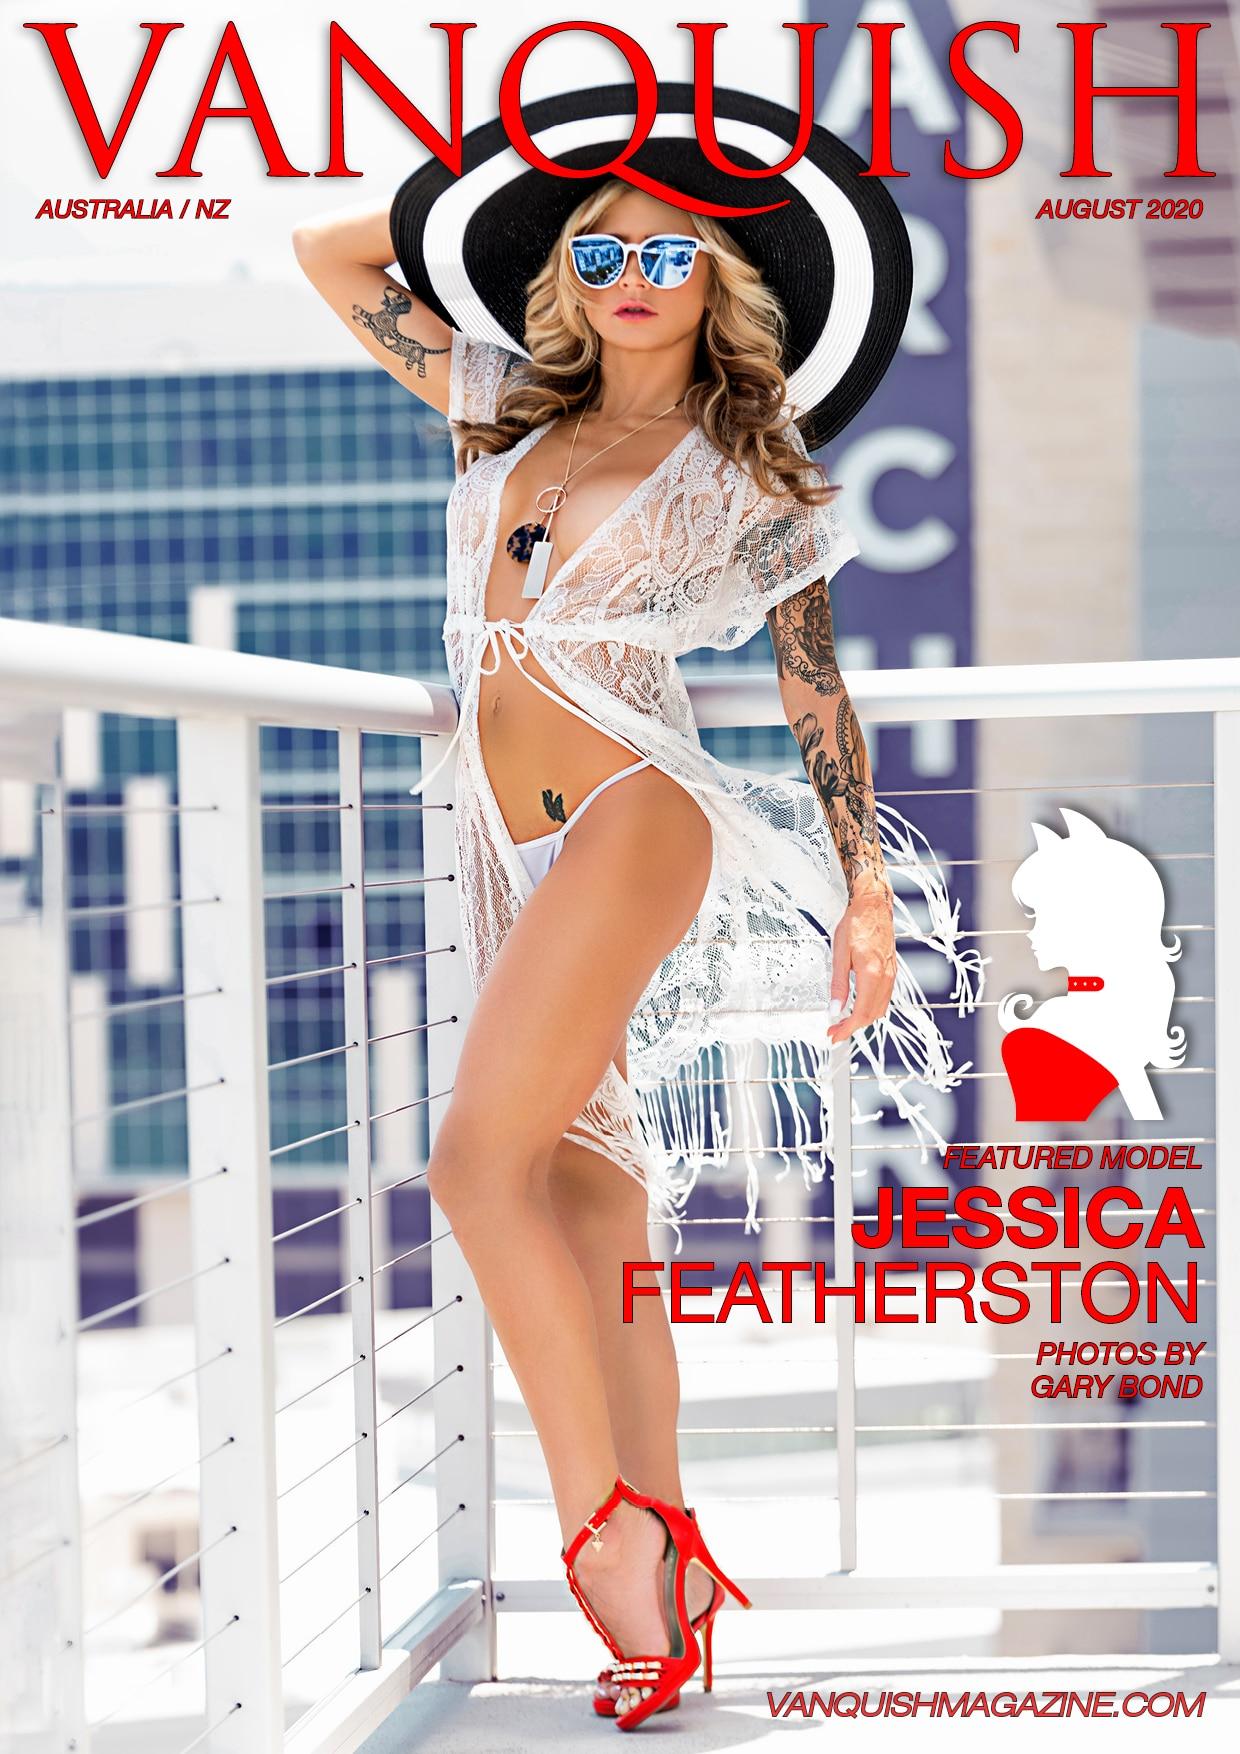 Vanquish Magazine - August 2020 - Svenja 3